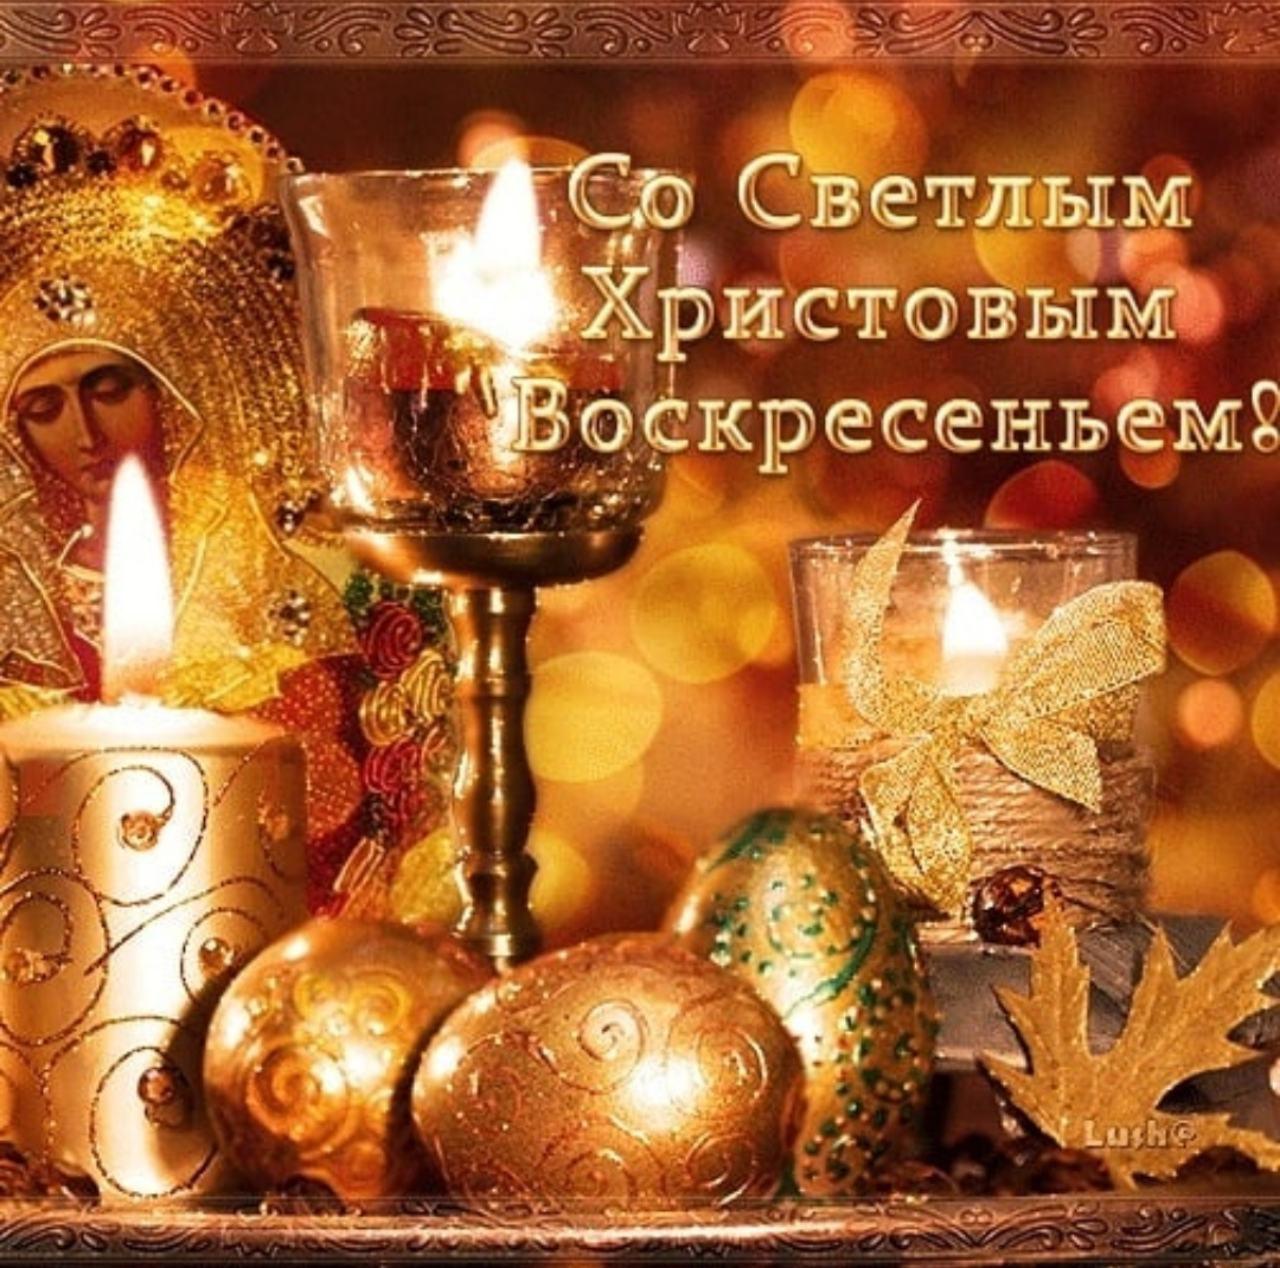 Анимированная открытка с пасхой христовой